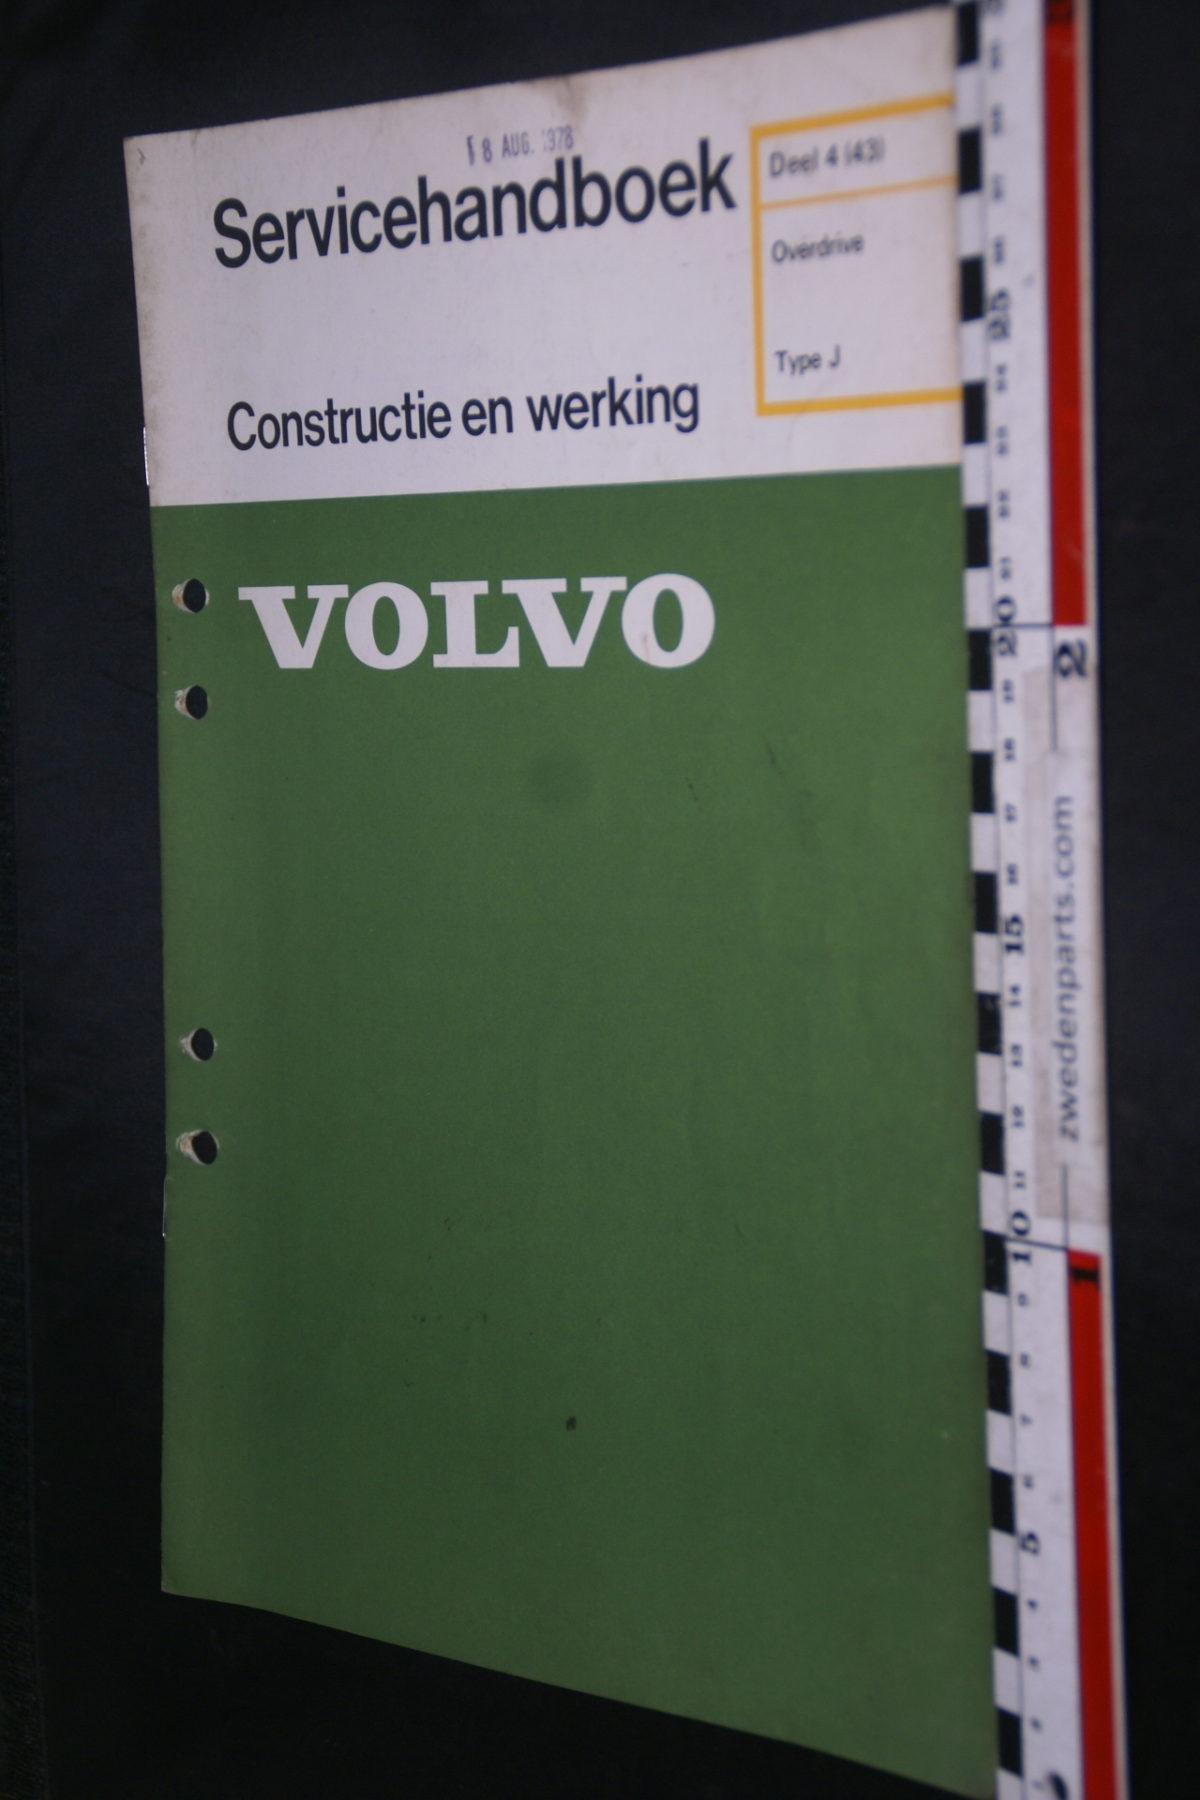 DSC08599 1978 origineel Volvo servicehandboek  4 (43) overdrive Type J 1 van 800 TP 12178